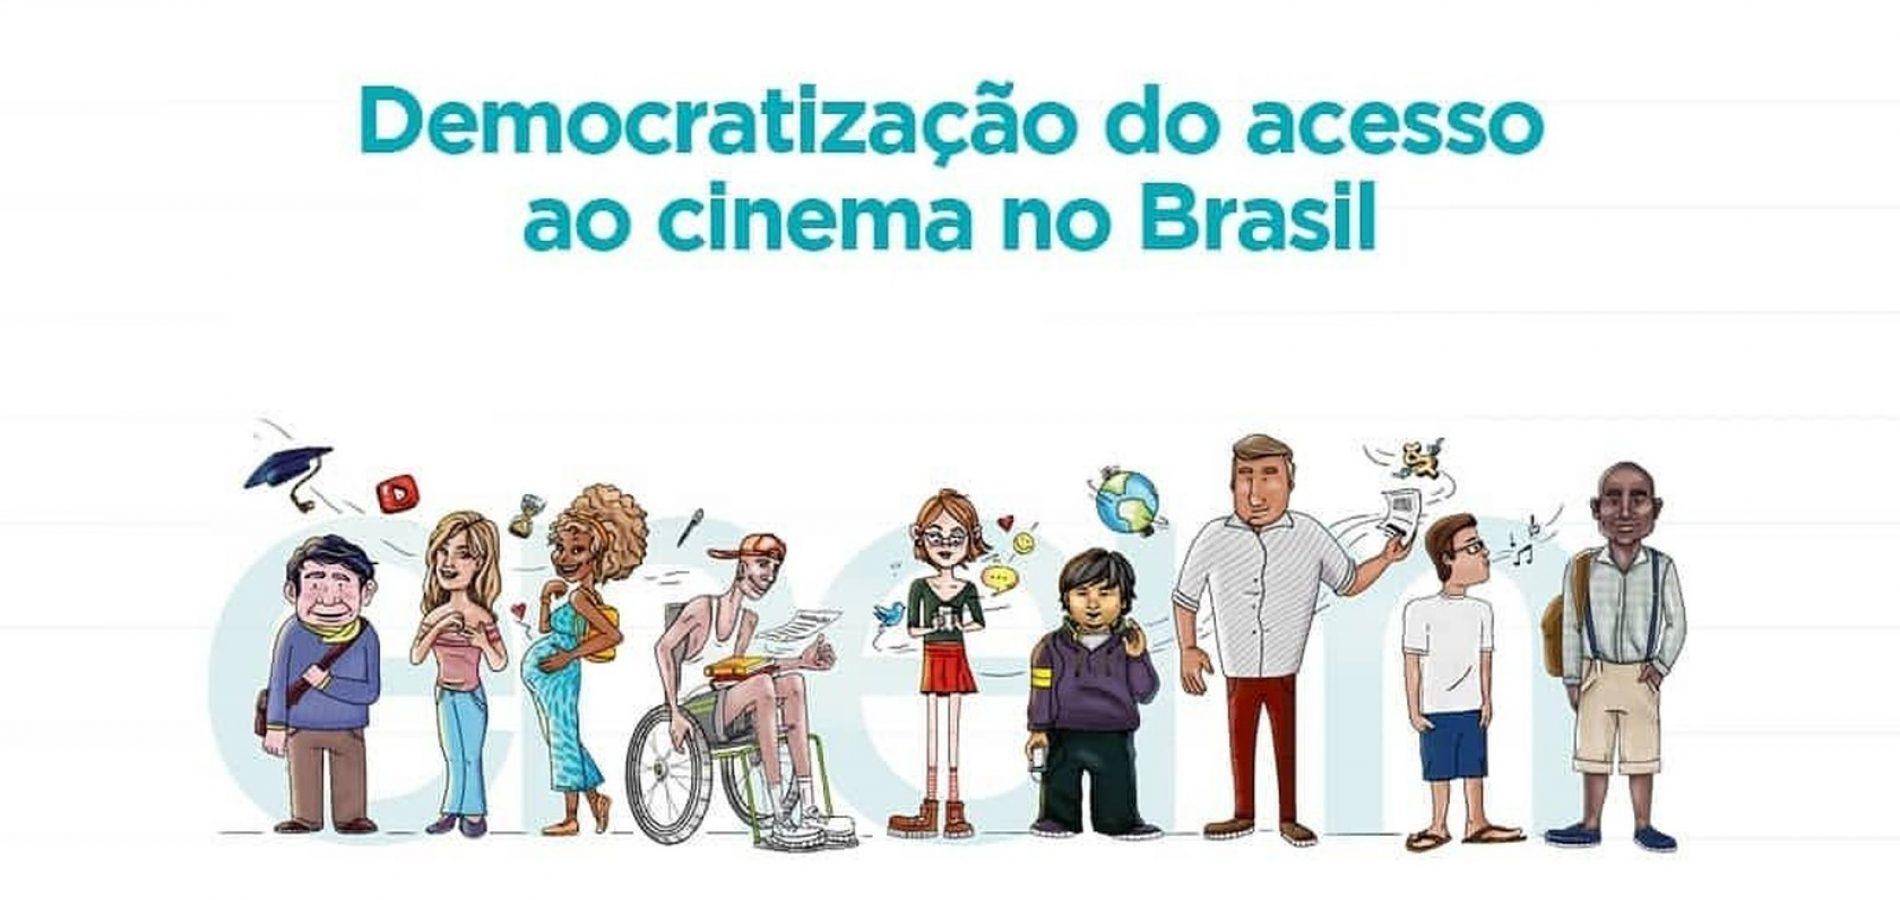 """Resultado de imagem para DEMOCRATIZAÇÃO DO ACESSO AO CINEMA NO BRASIL FOI TEMA DA REDAÇÃO DO ENEM 2019"""""""